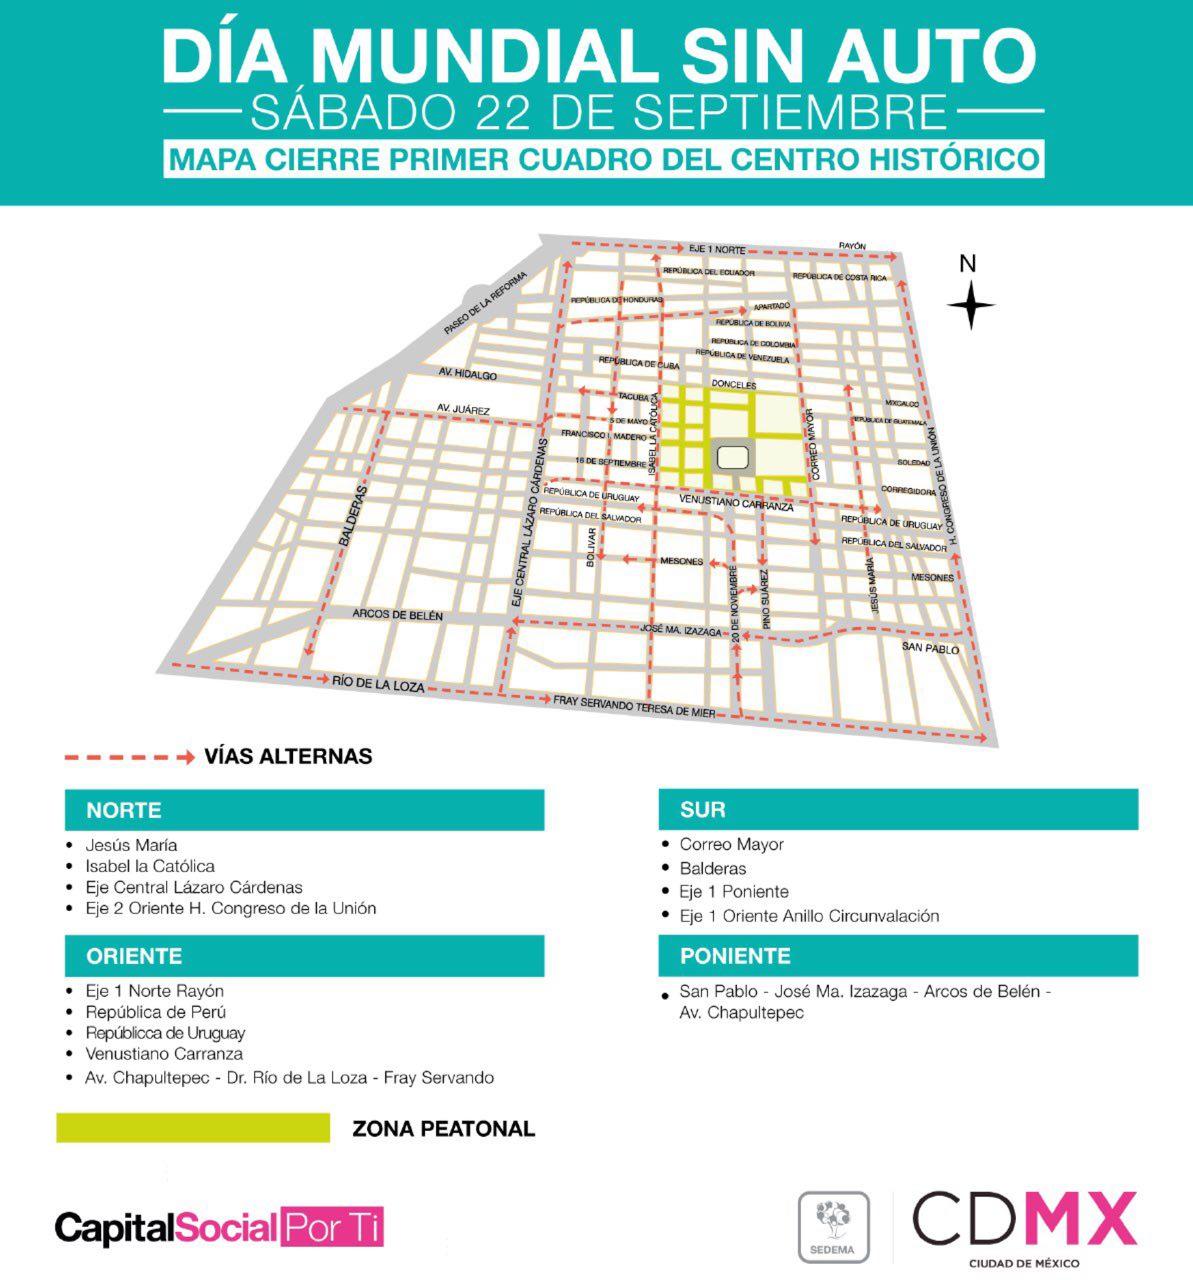 Primer cuadro del Centro Histórico CDMX será solo peatonal por el Día Mundial Sin Auto